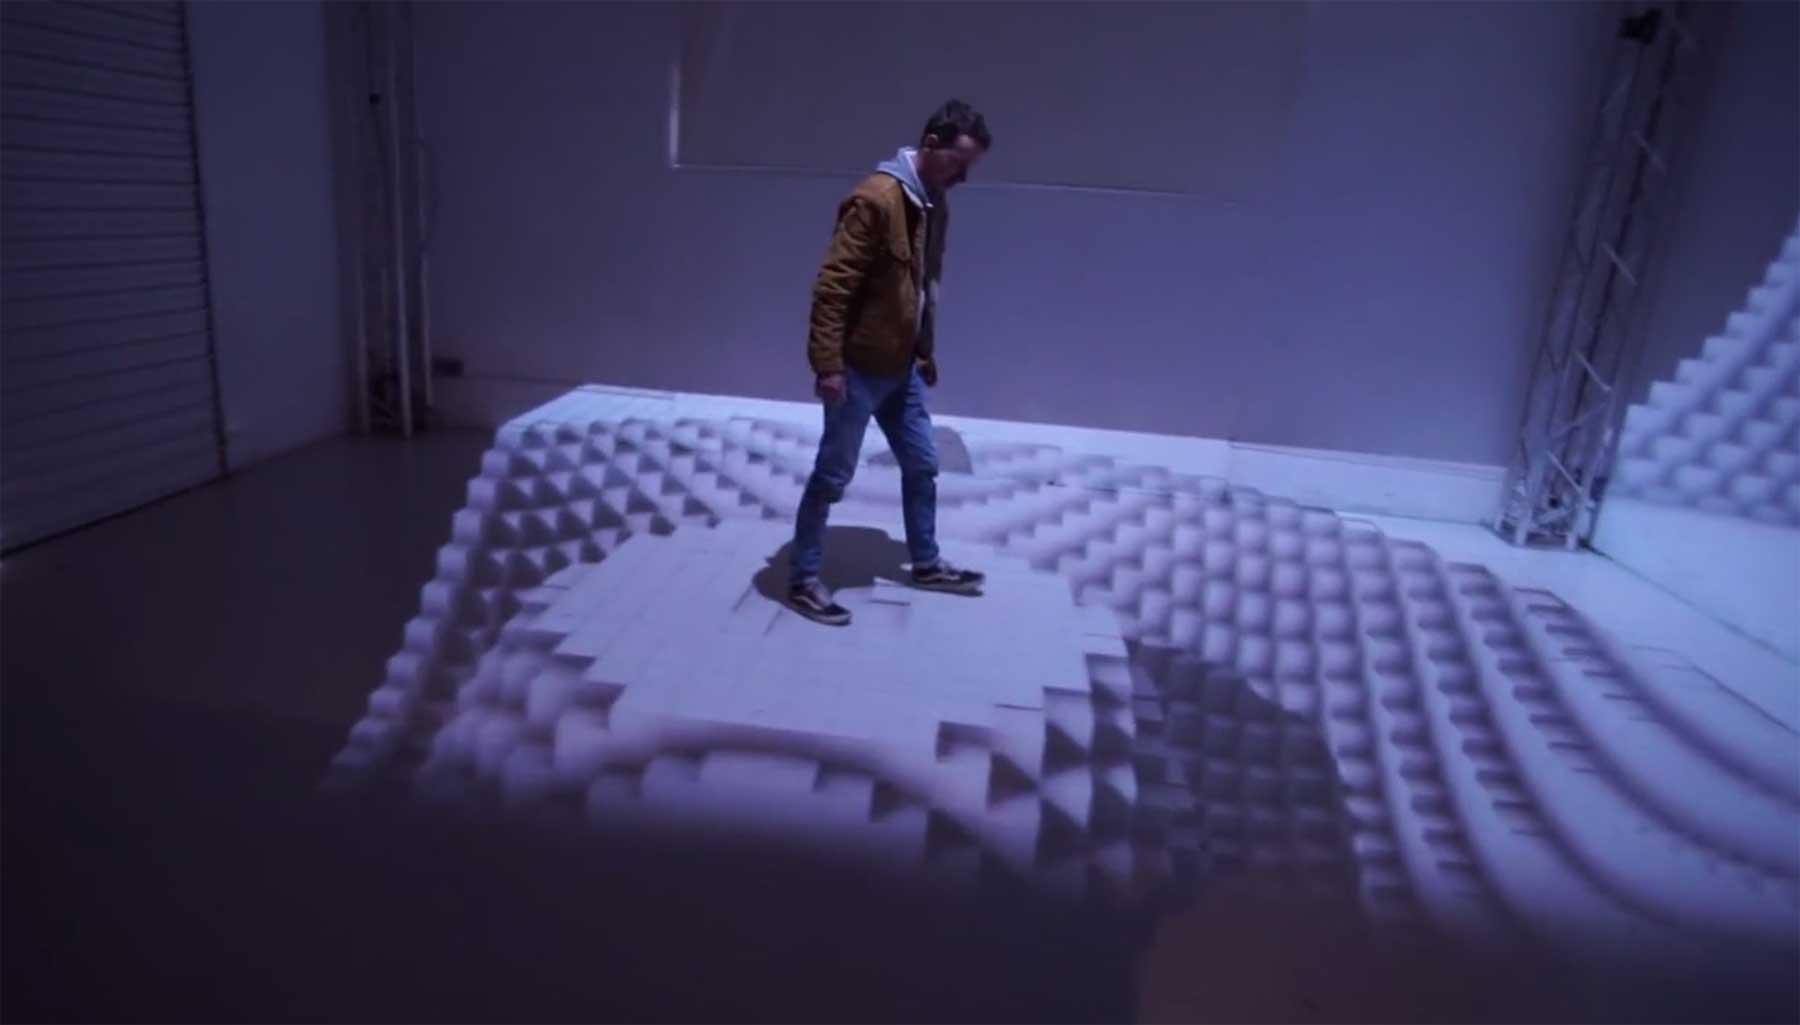 Dieser verrückte Raum reagiert auf deine Bewegungen